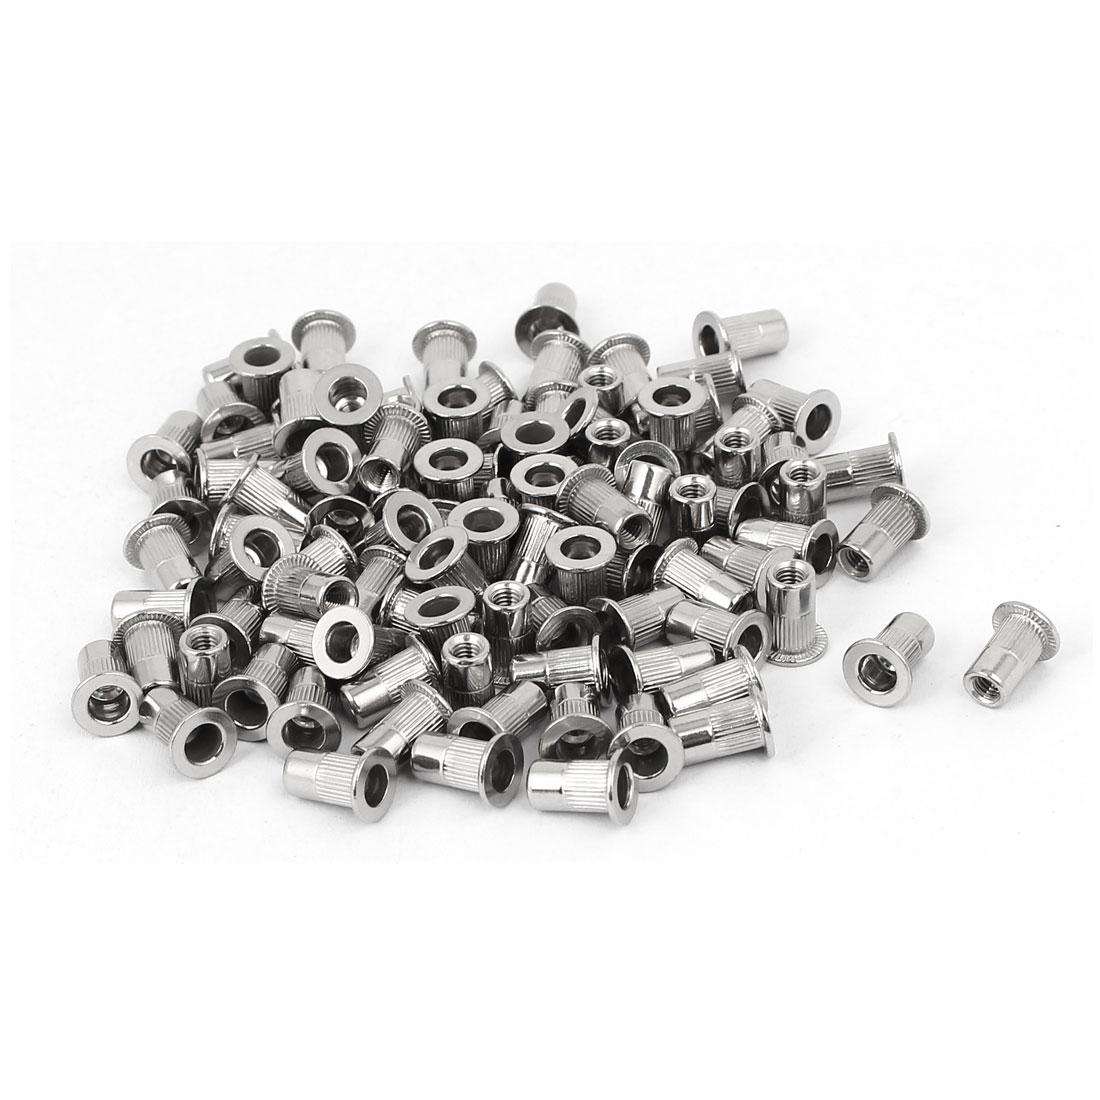 M3 x 0.5mm 304 Stainless Steel Stripe Blind Rivet Nut Insert Nutsert 100PCS